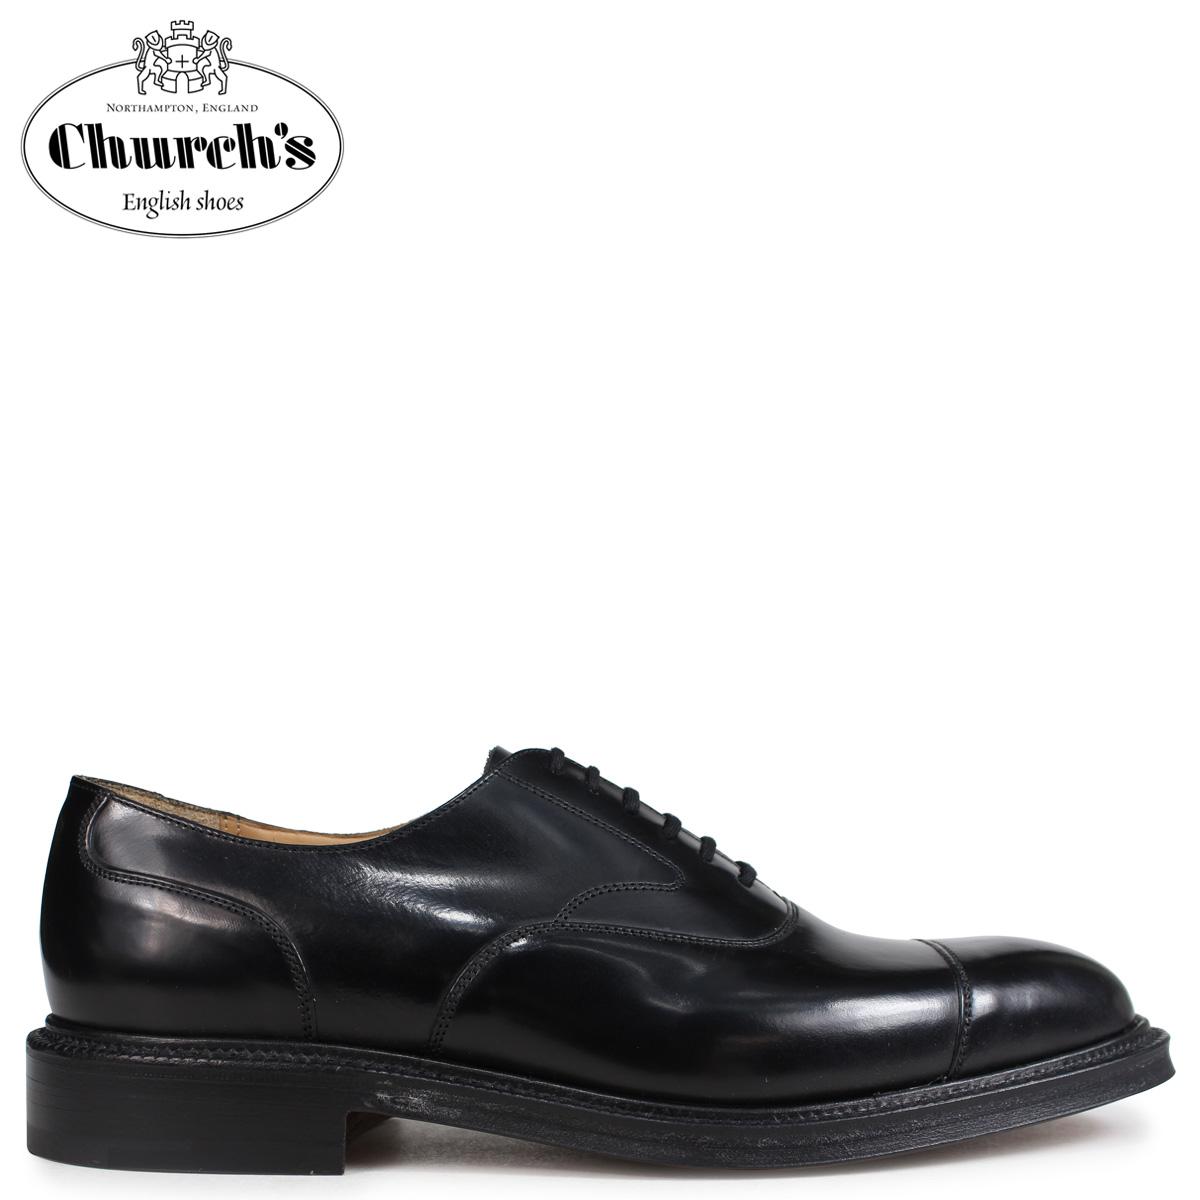 Church's チャーチ 靴 ランカスター 173 ストレートチップ メンズ LANCASTER 173 POLISHED BINDER EEB010 ブラック